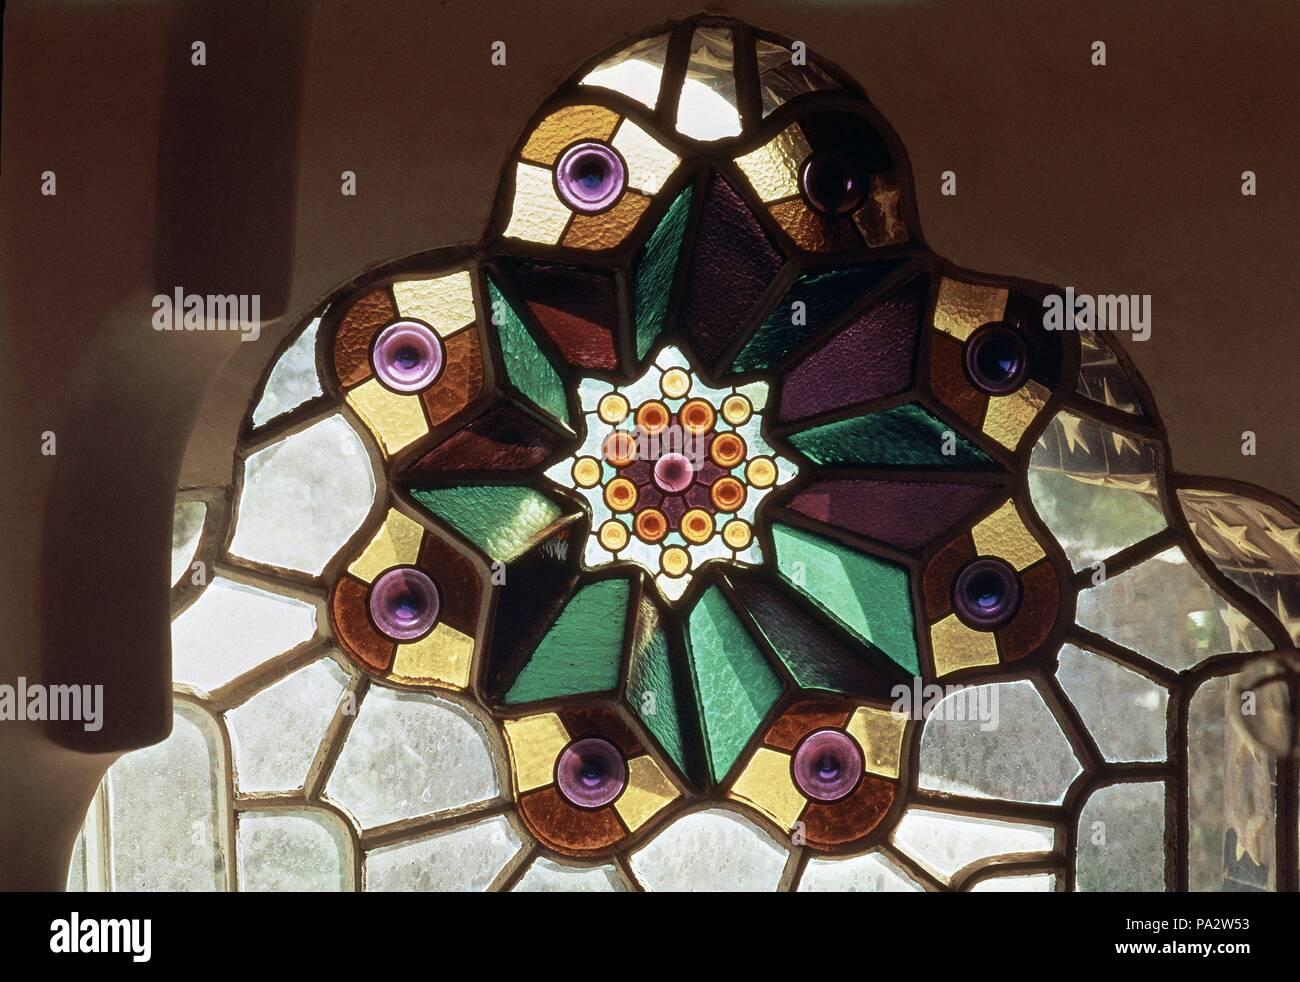 CRISTALERA - 1900. Author: Antoni Gaudí (1852-1926). Location: BELLESGUARD, BARCELONA, SPAIN. - Stock Image